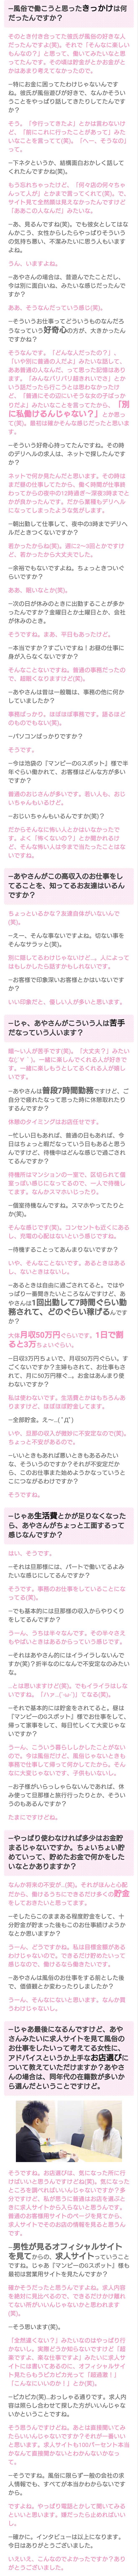 突撃取材VOL.3part2